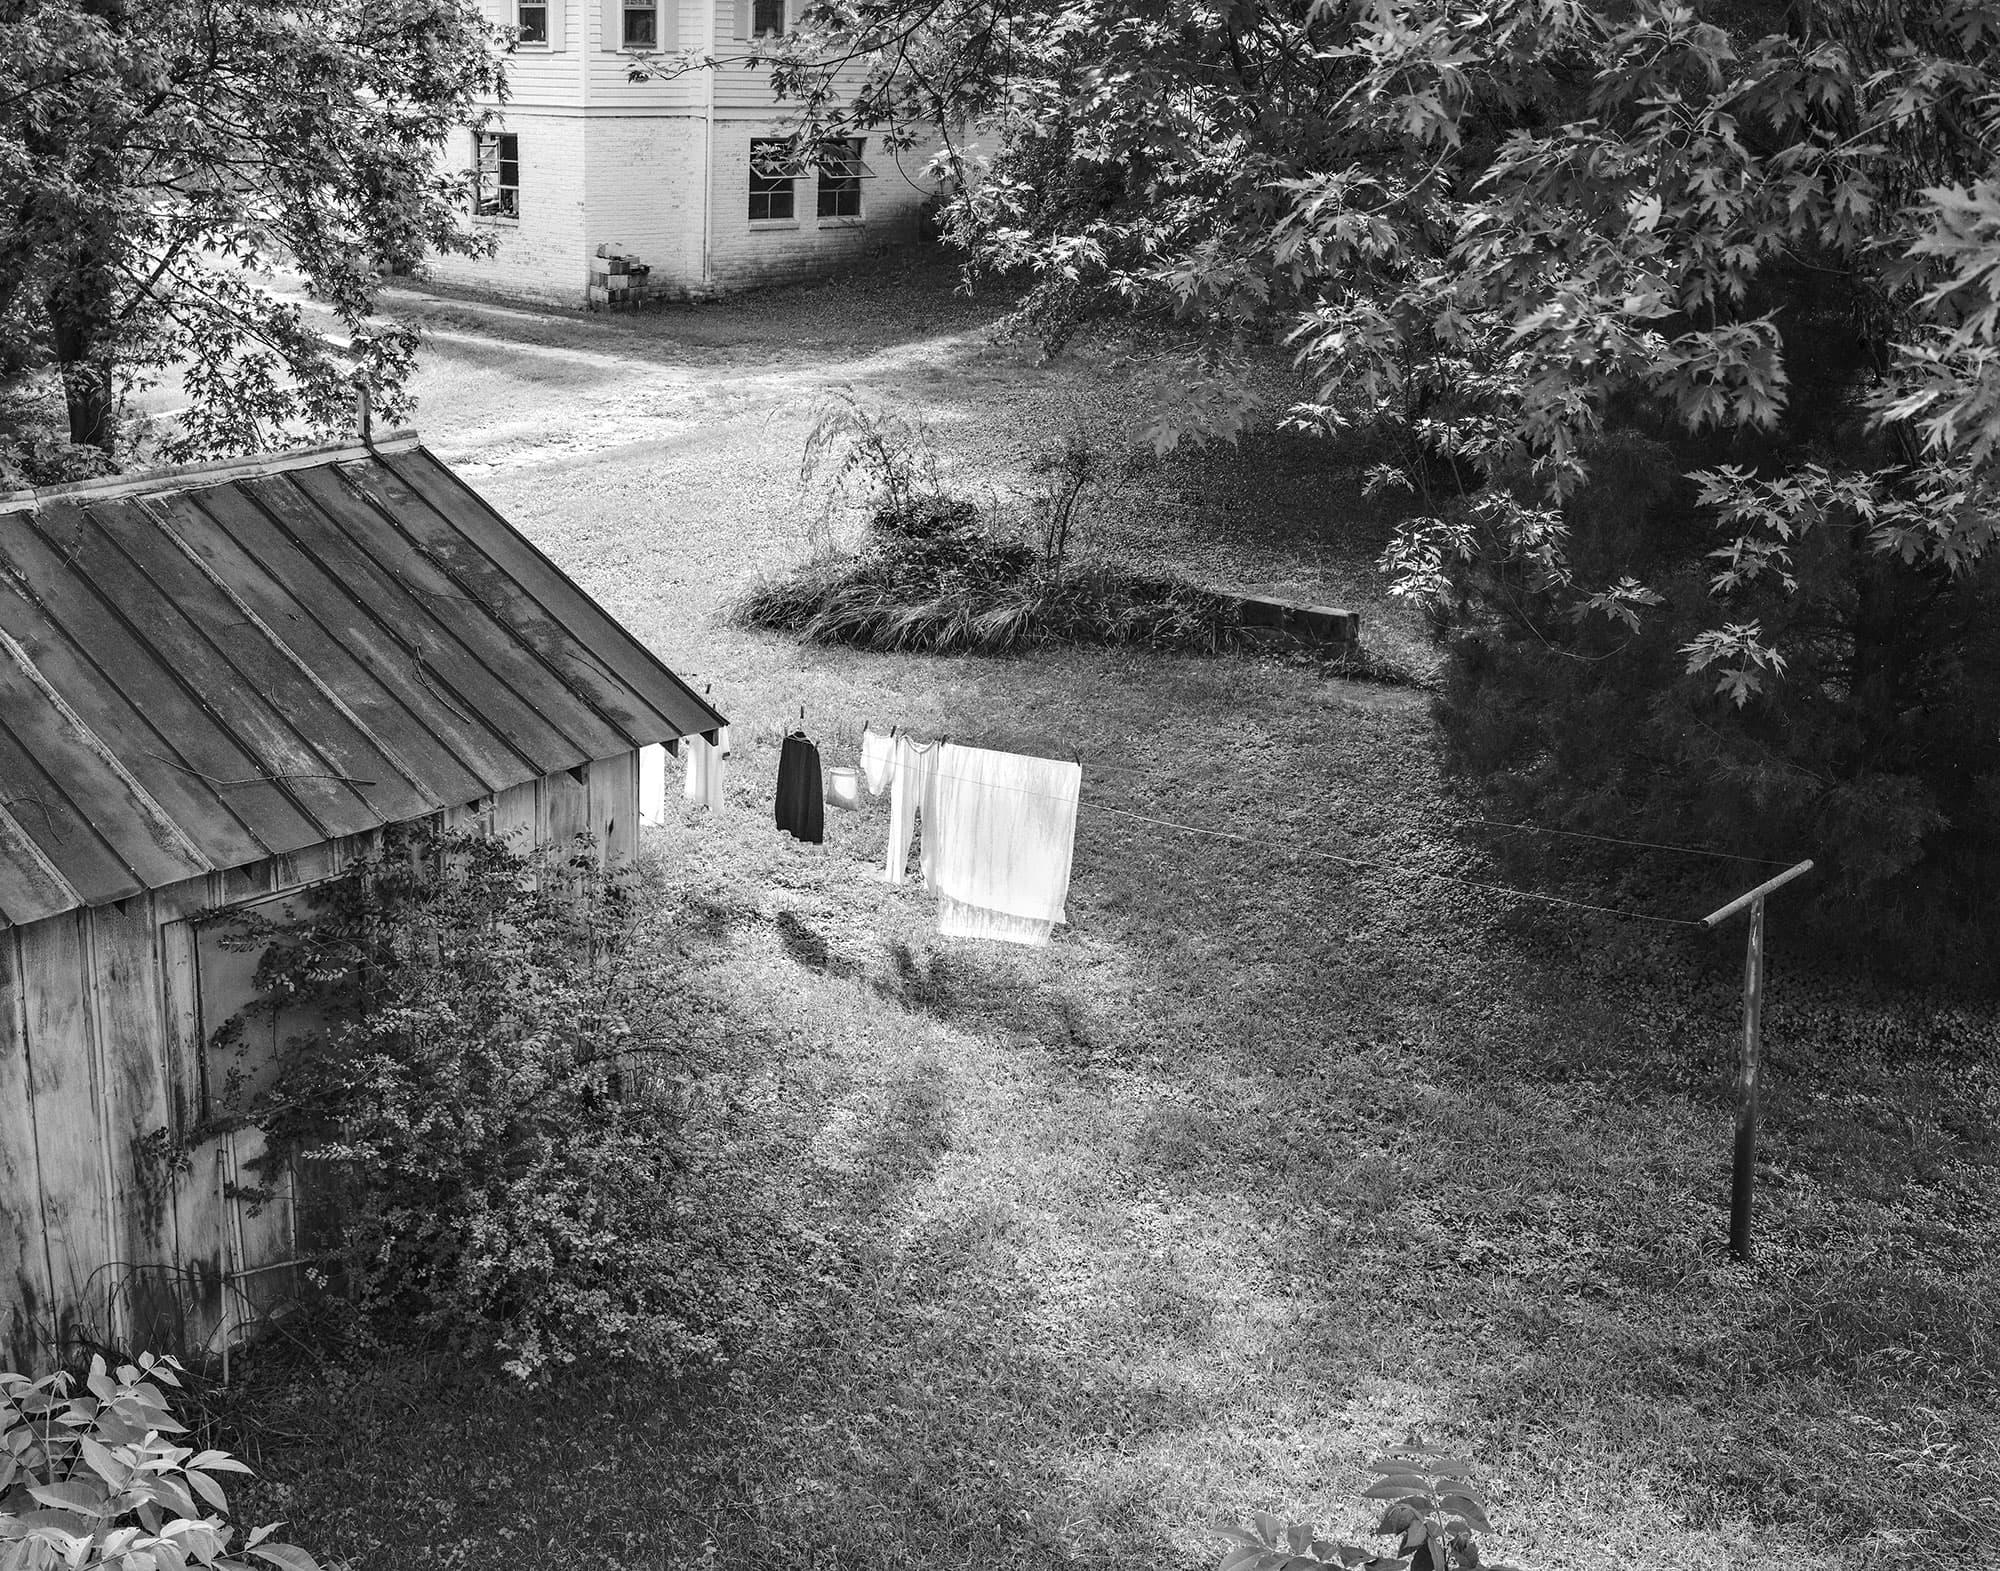 arthur-lazar-North-Carolina-1976